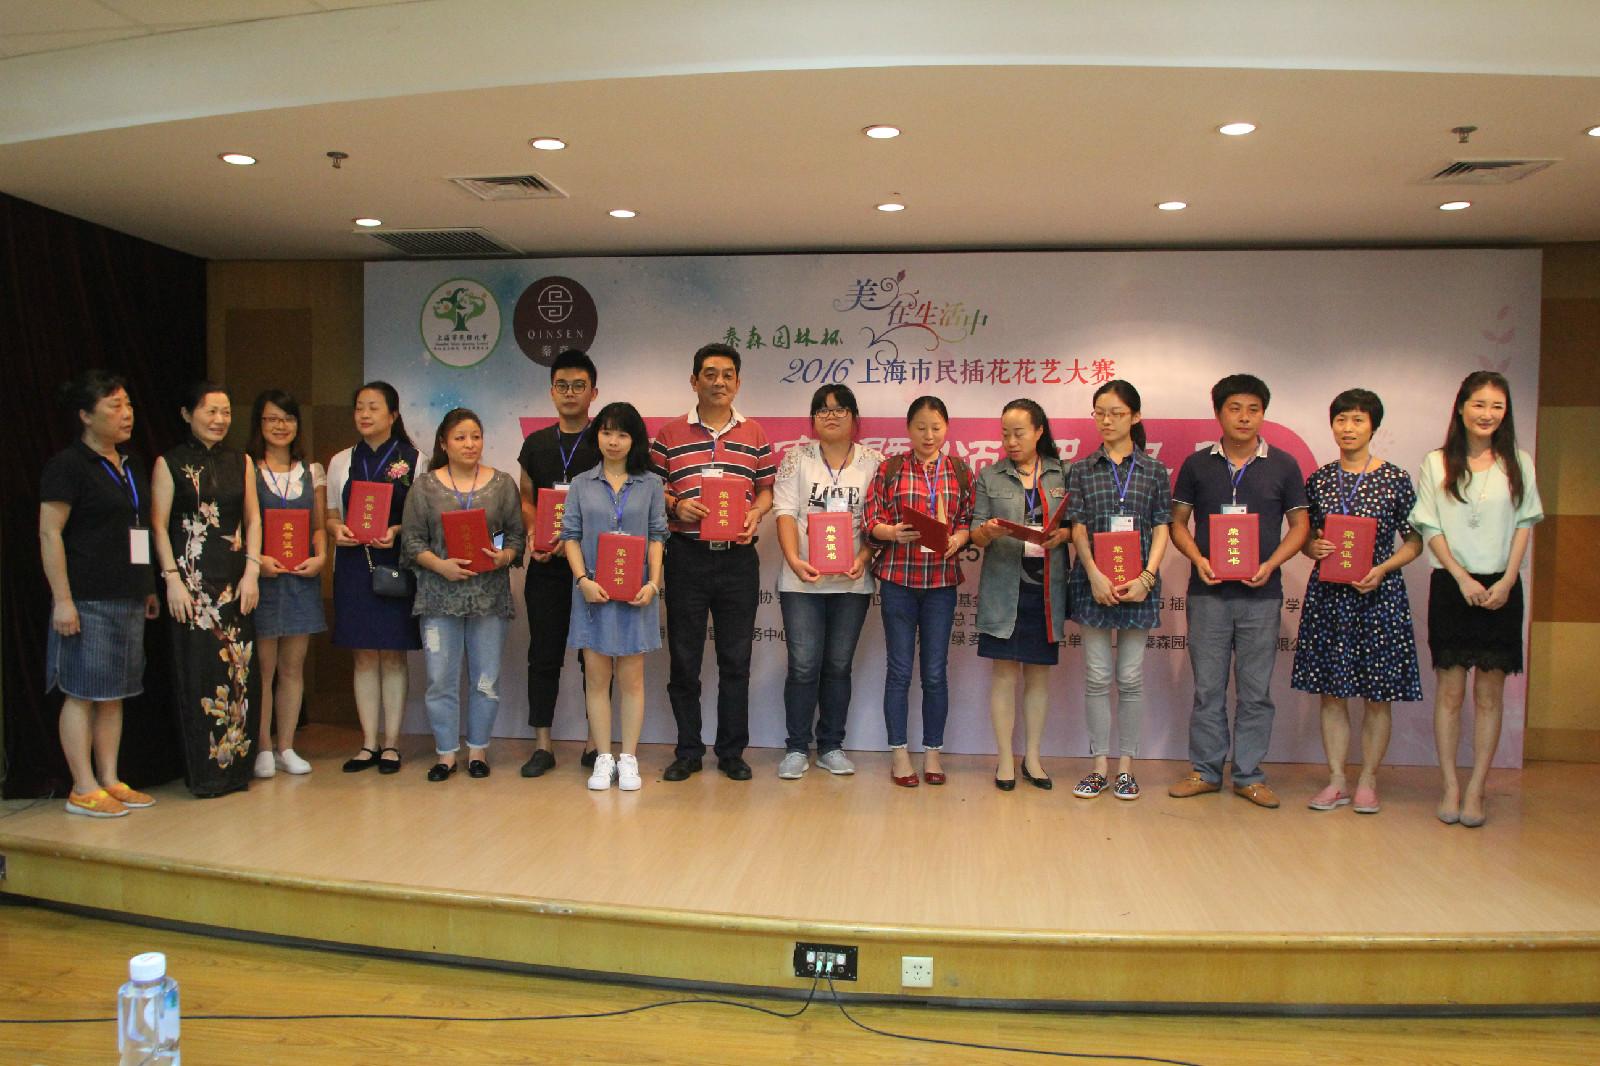 高职学院,高级技校工会参加2016上海市民插花花艺大赛